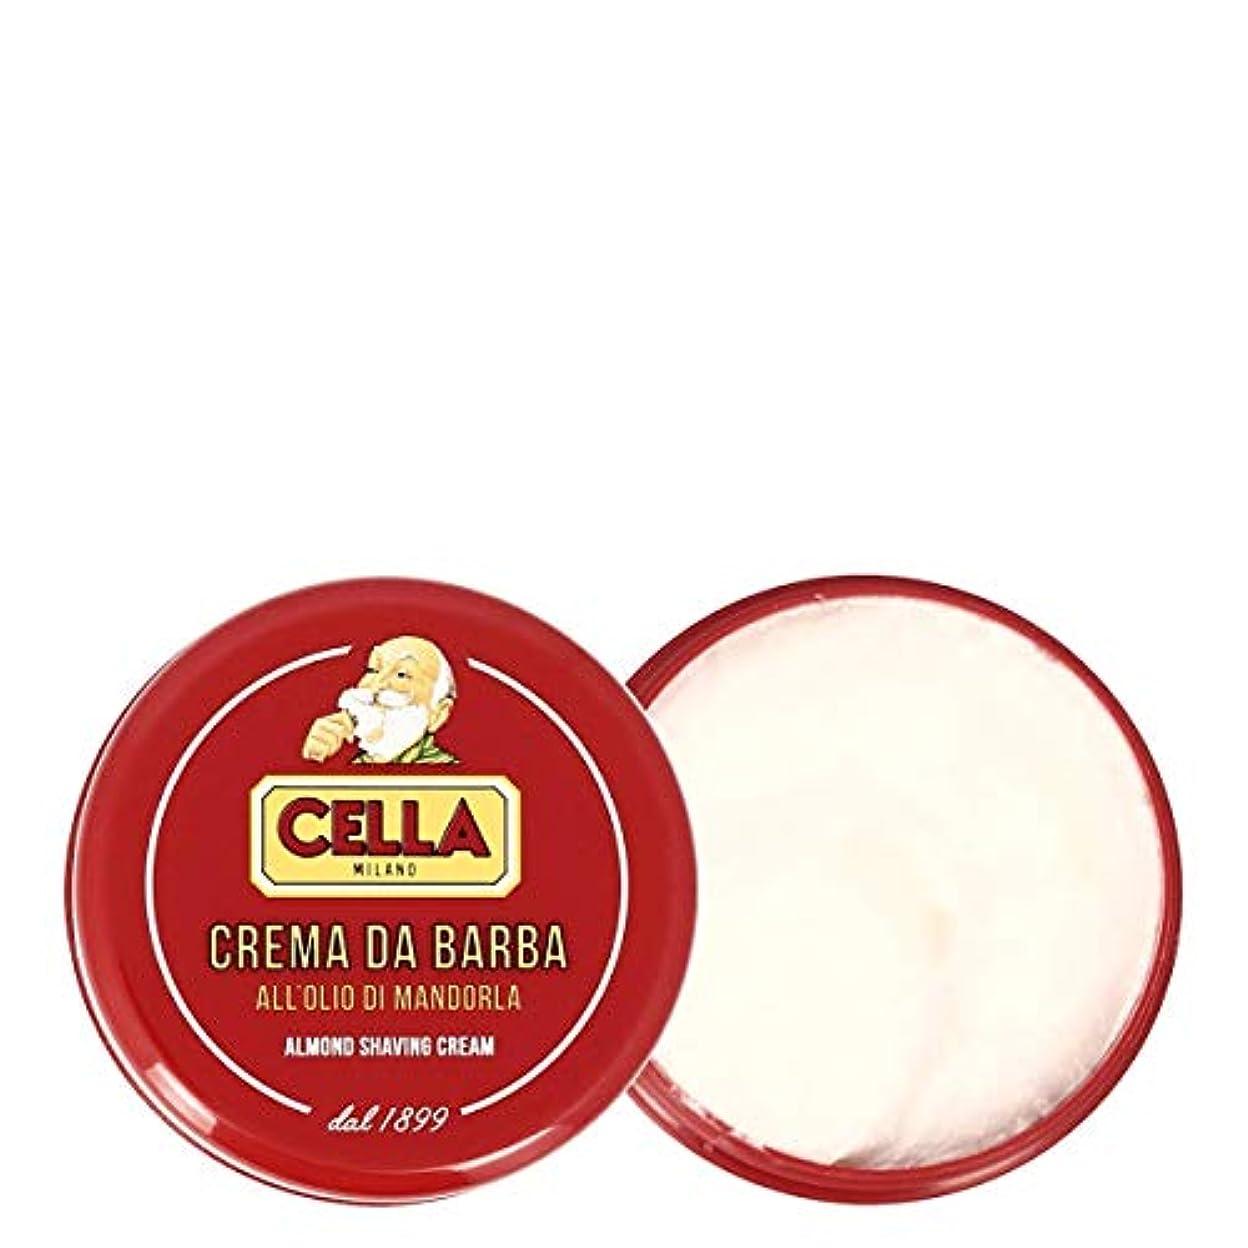 ステンレス救いモロニックセラ アーモンドシェービングクリーム150ml[海外直送品]Cella Almond Shaving Cream 150ml [並行輸入品]